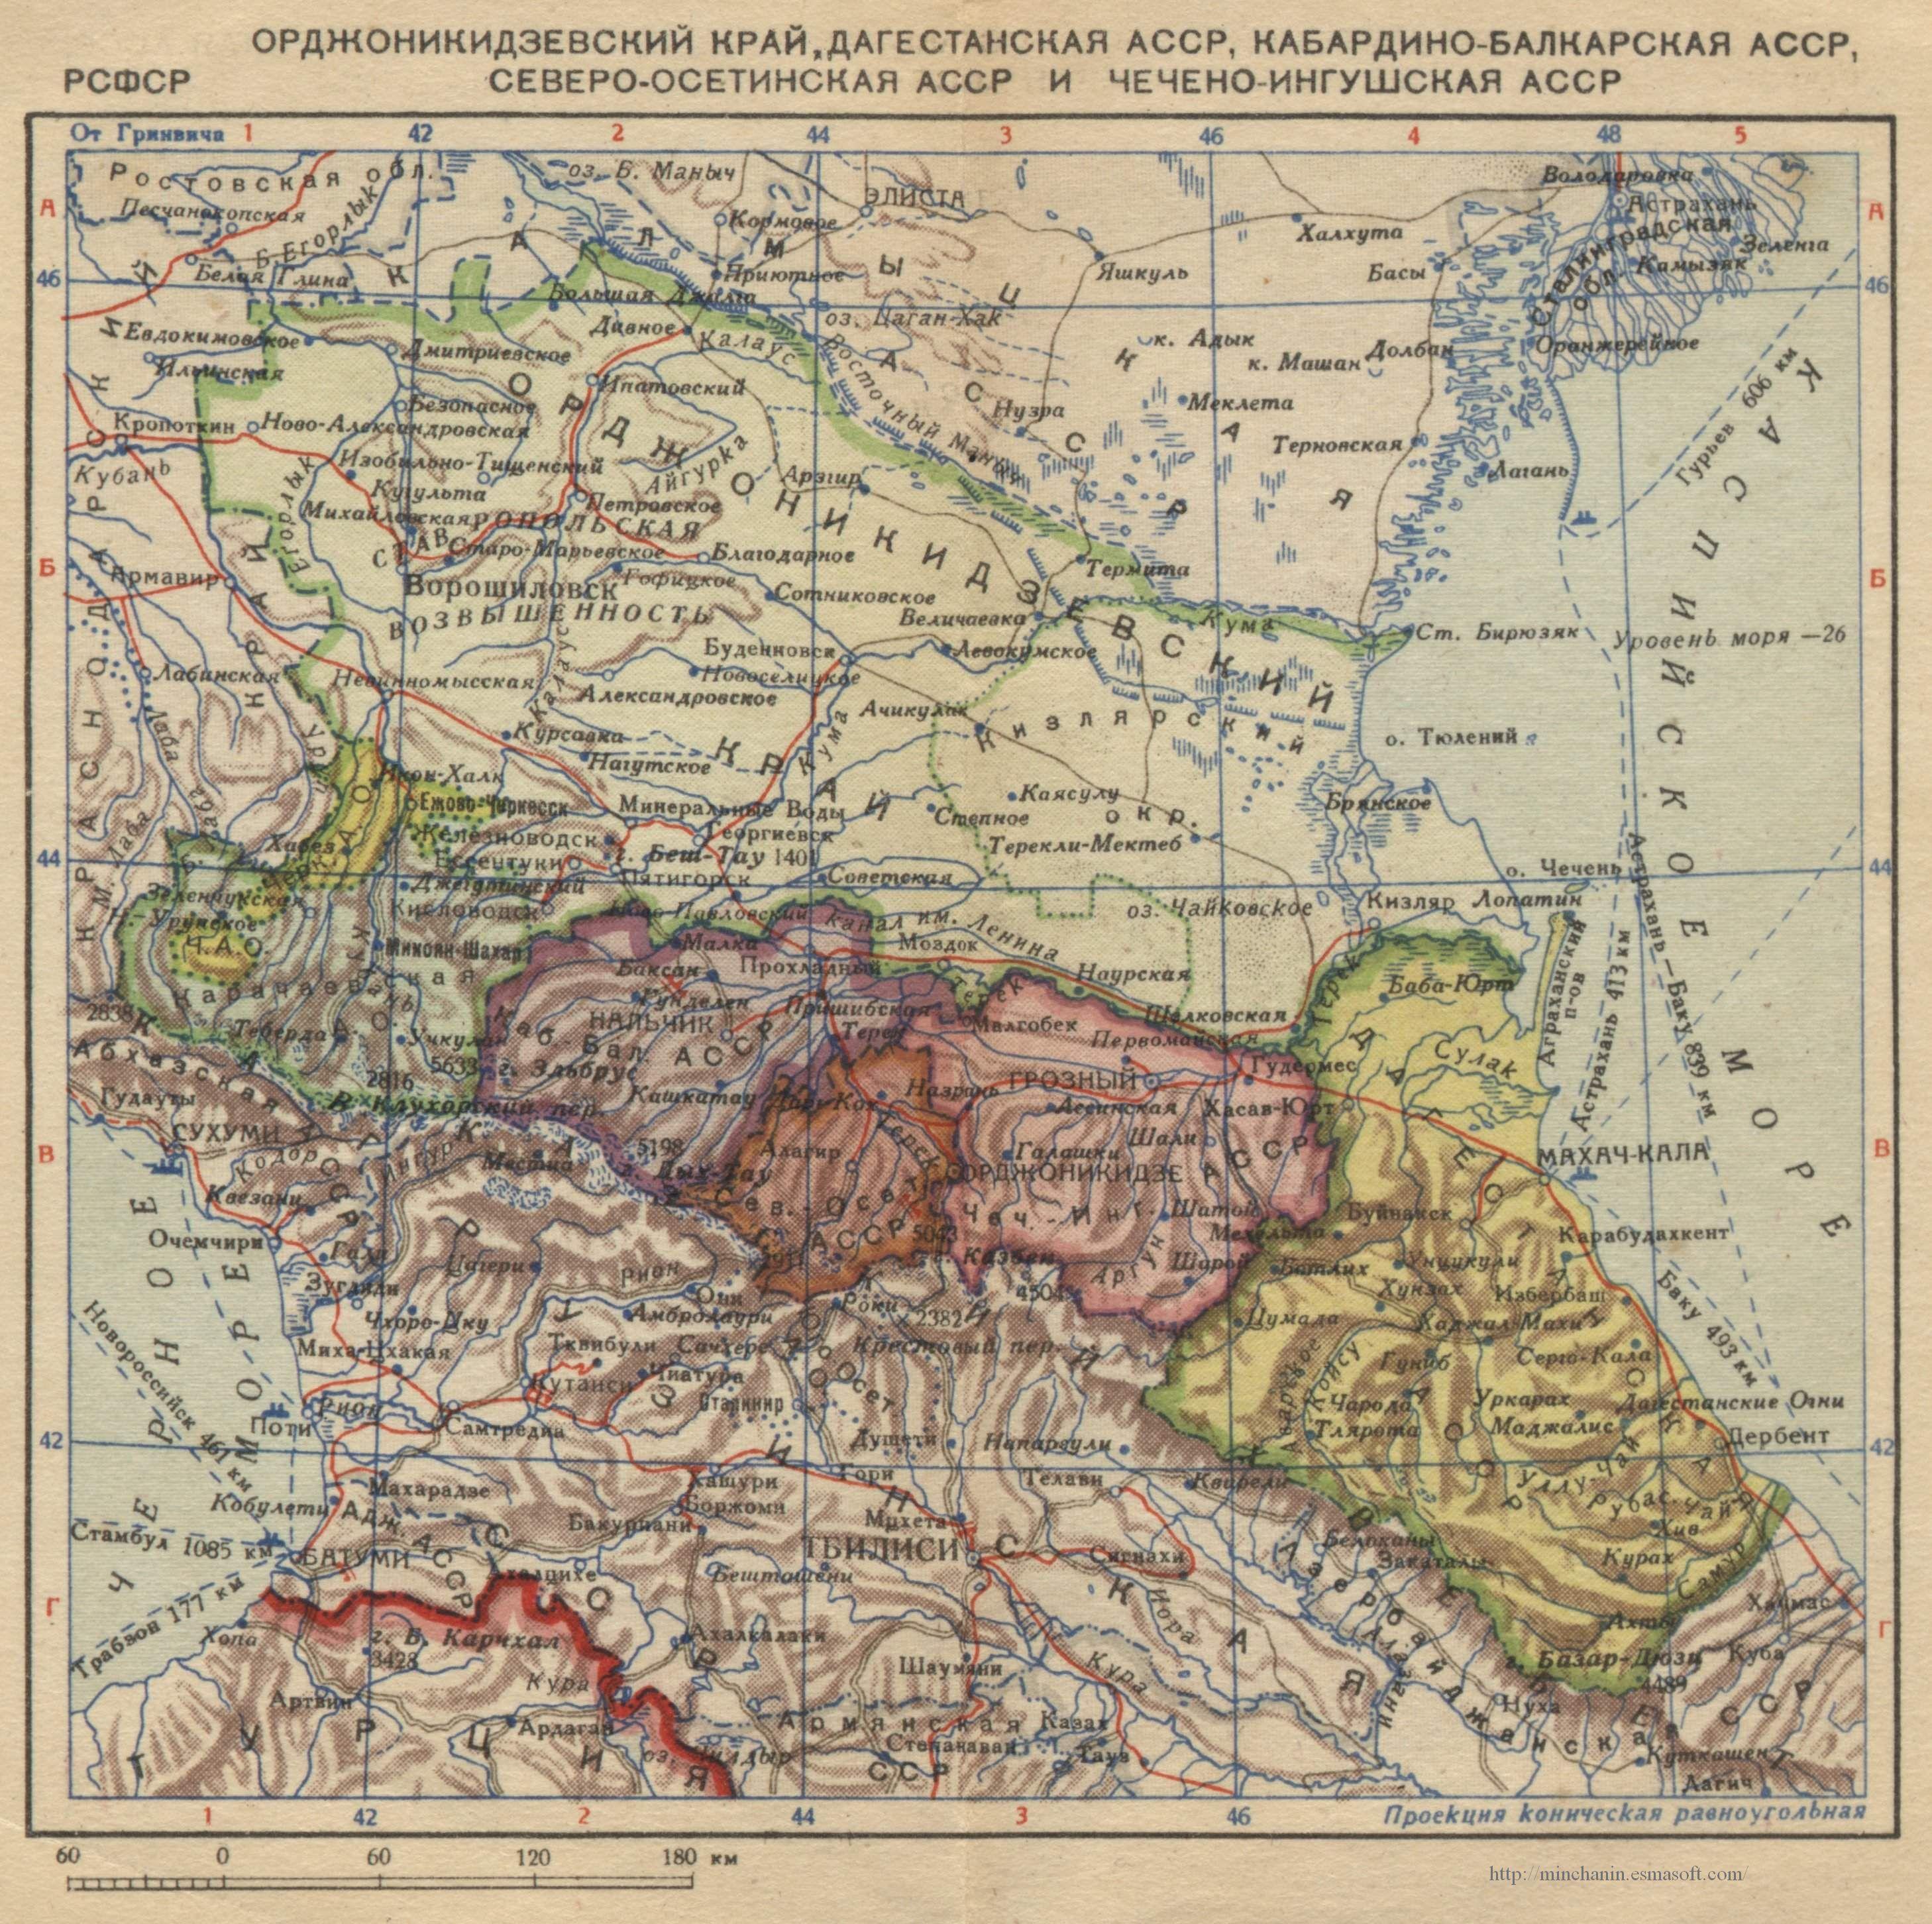 Historical Maps Of The Caucasus - Caucasus map